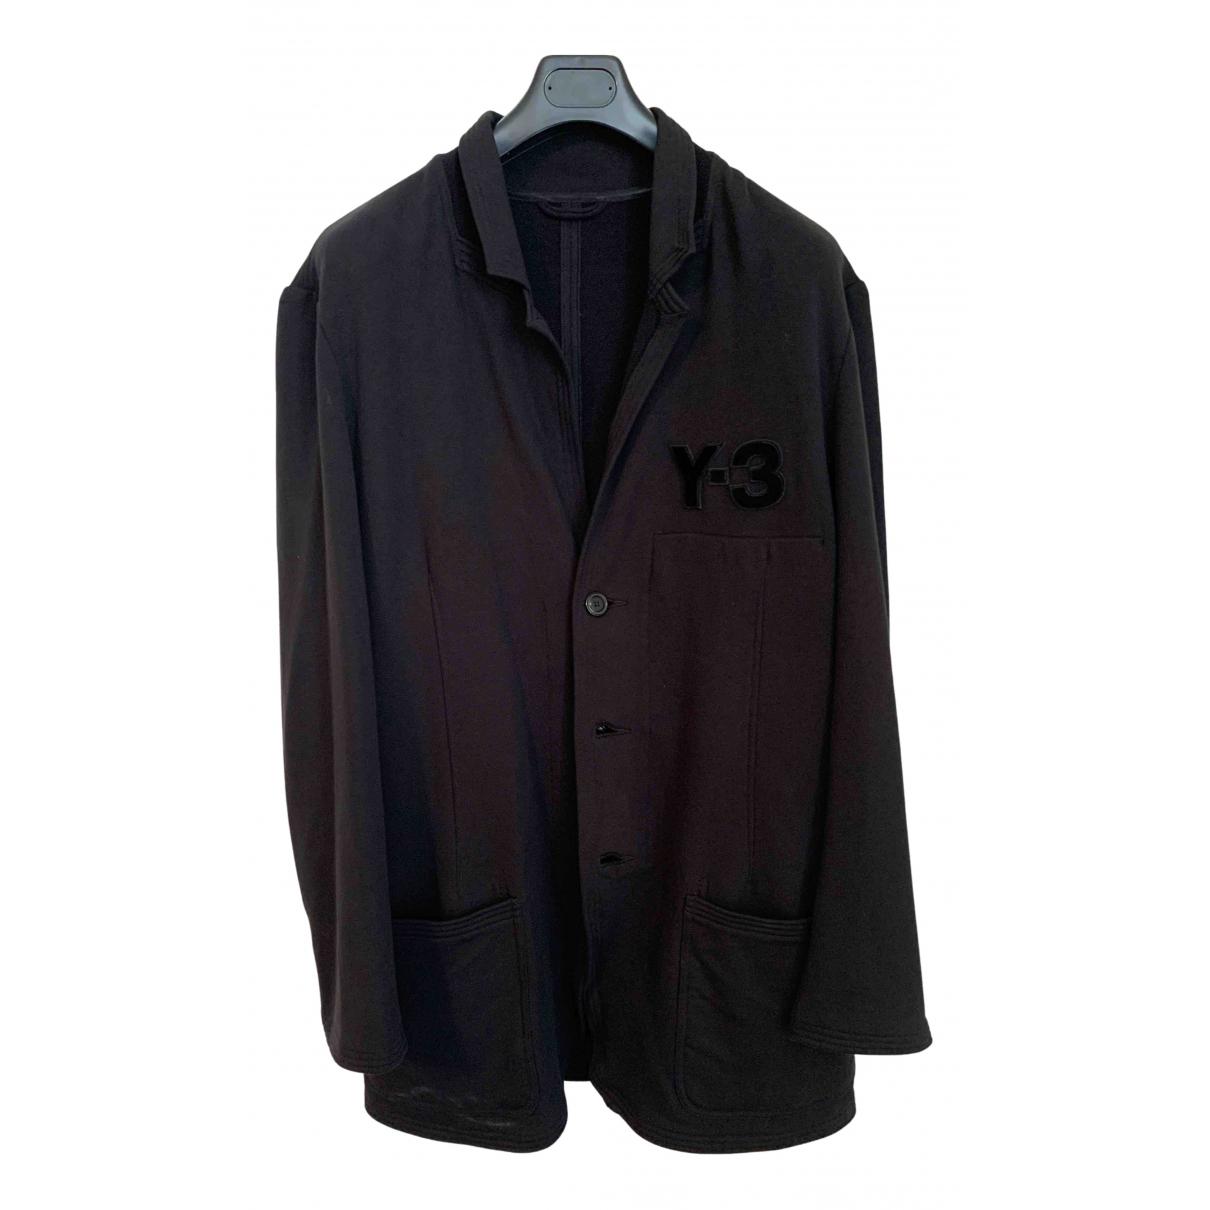 Y-3 - Vestes.Blousons   pour homme en coton - noir